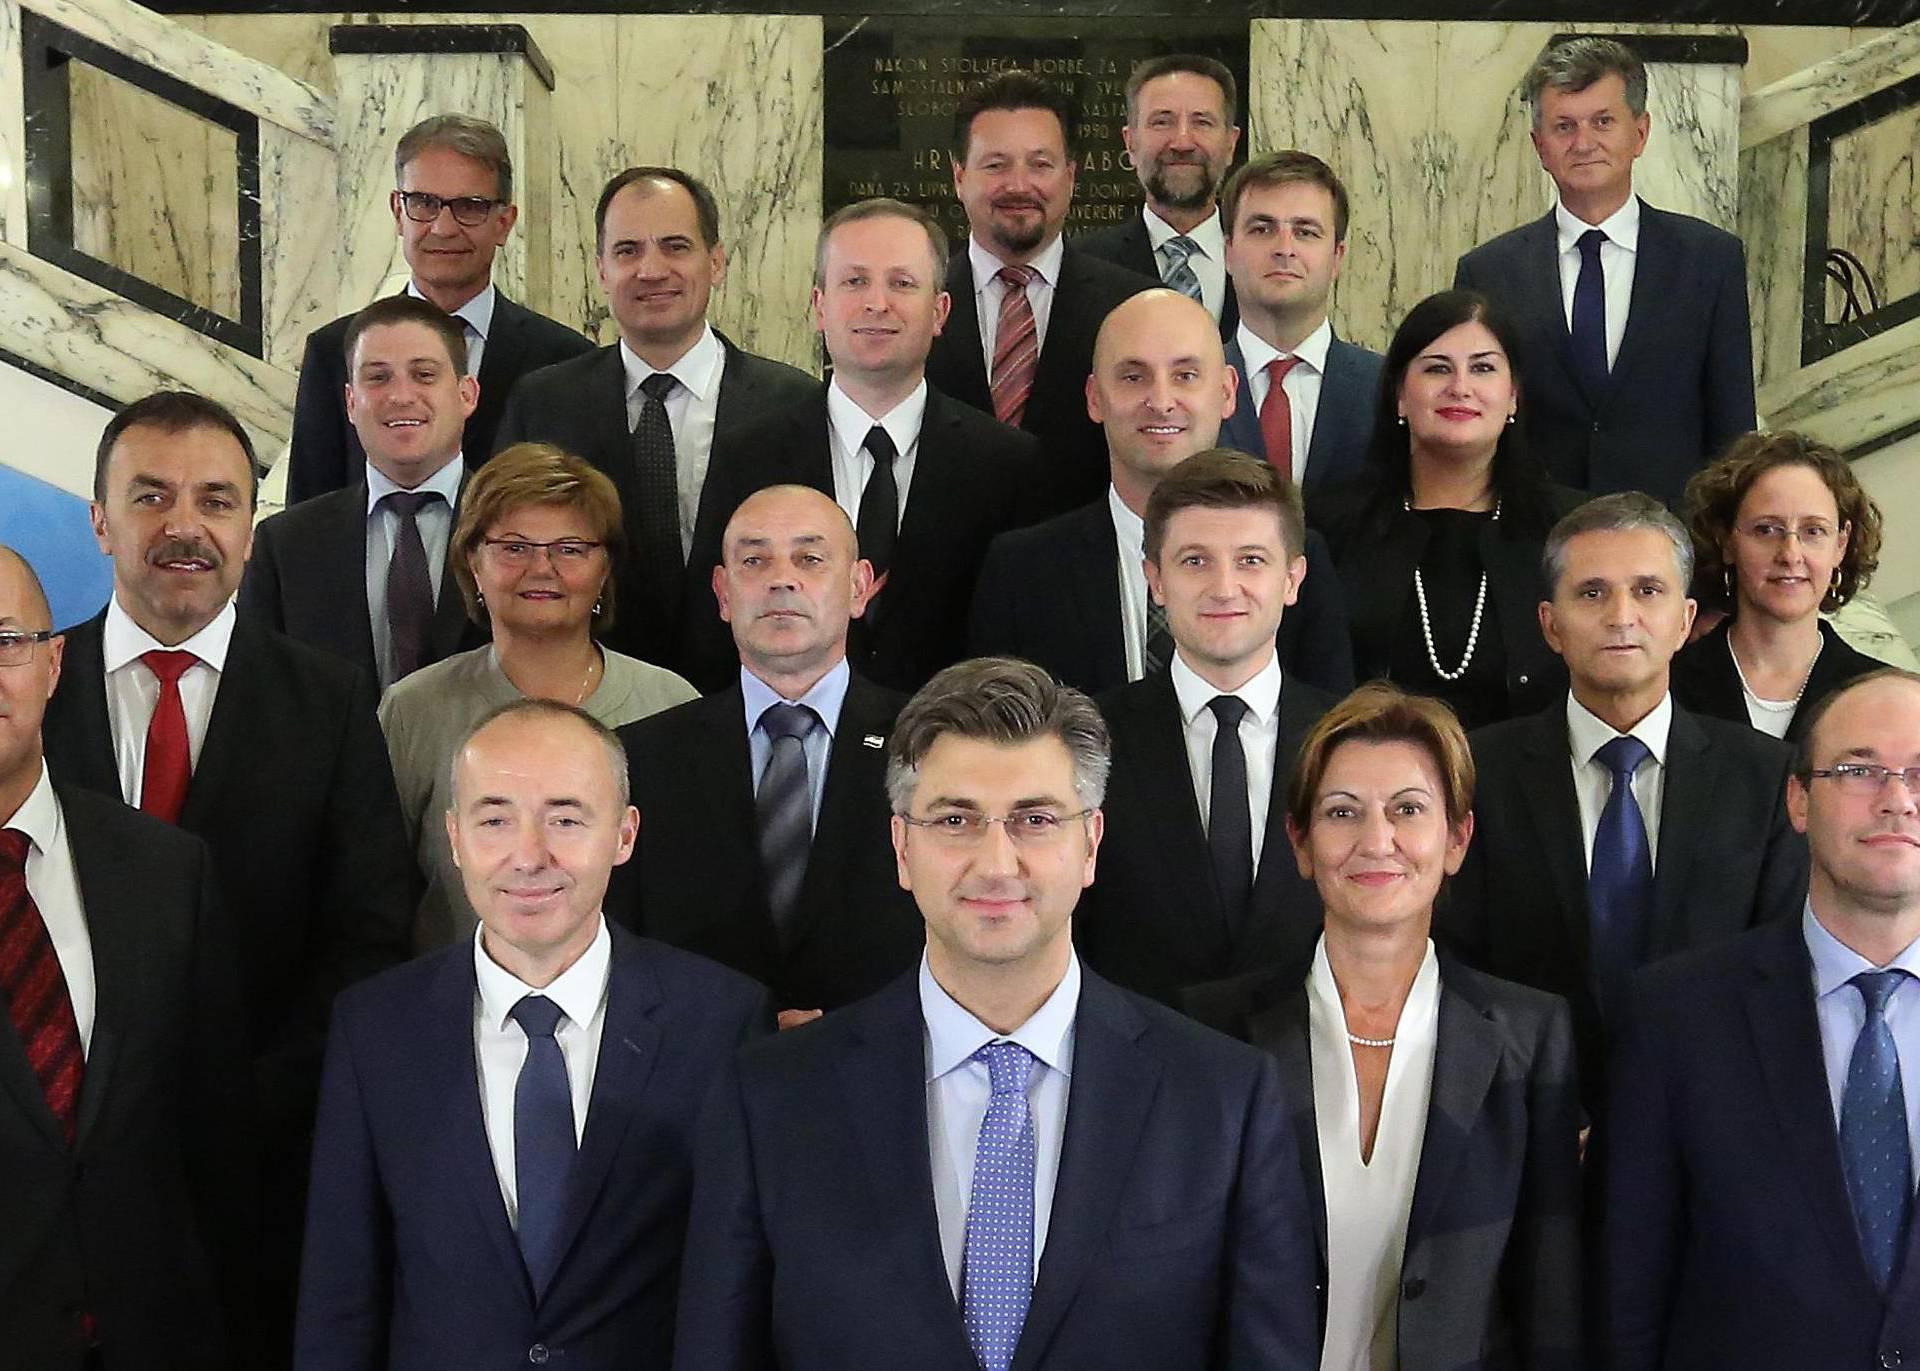 Milane, moraš otići: Kujundžić je trinaesti ministar koji 'leti'